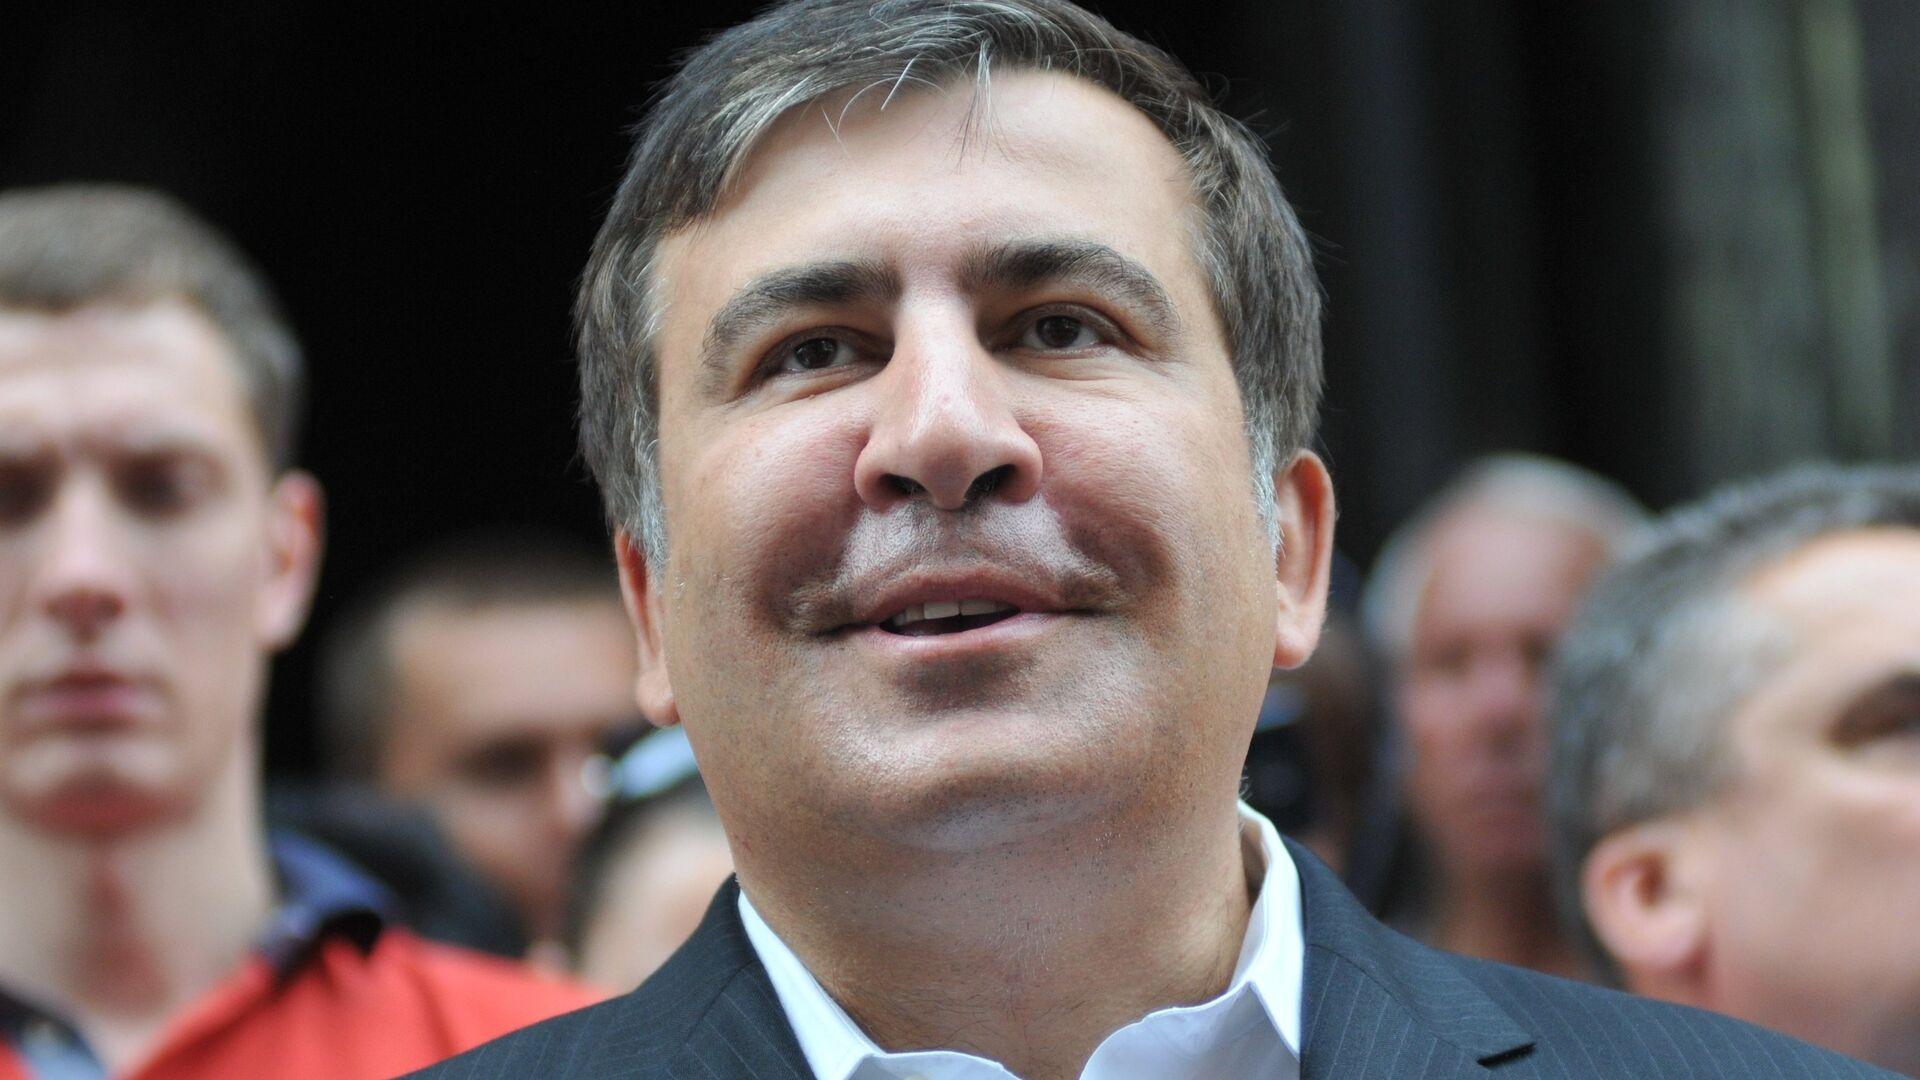 Экс-президент Грузии М.Саакашвили посетил Львов - Sputnik Армения, 1920, 17.09.2021